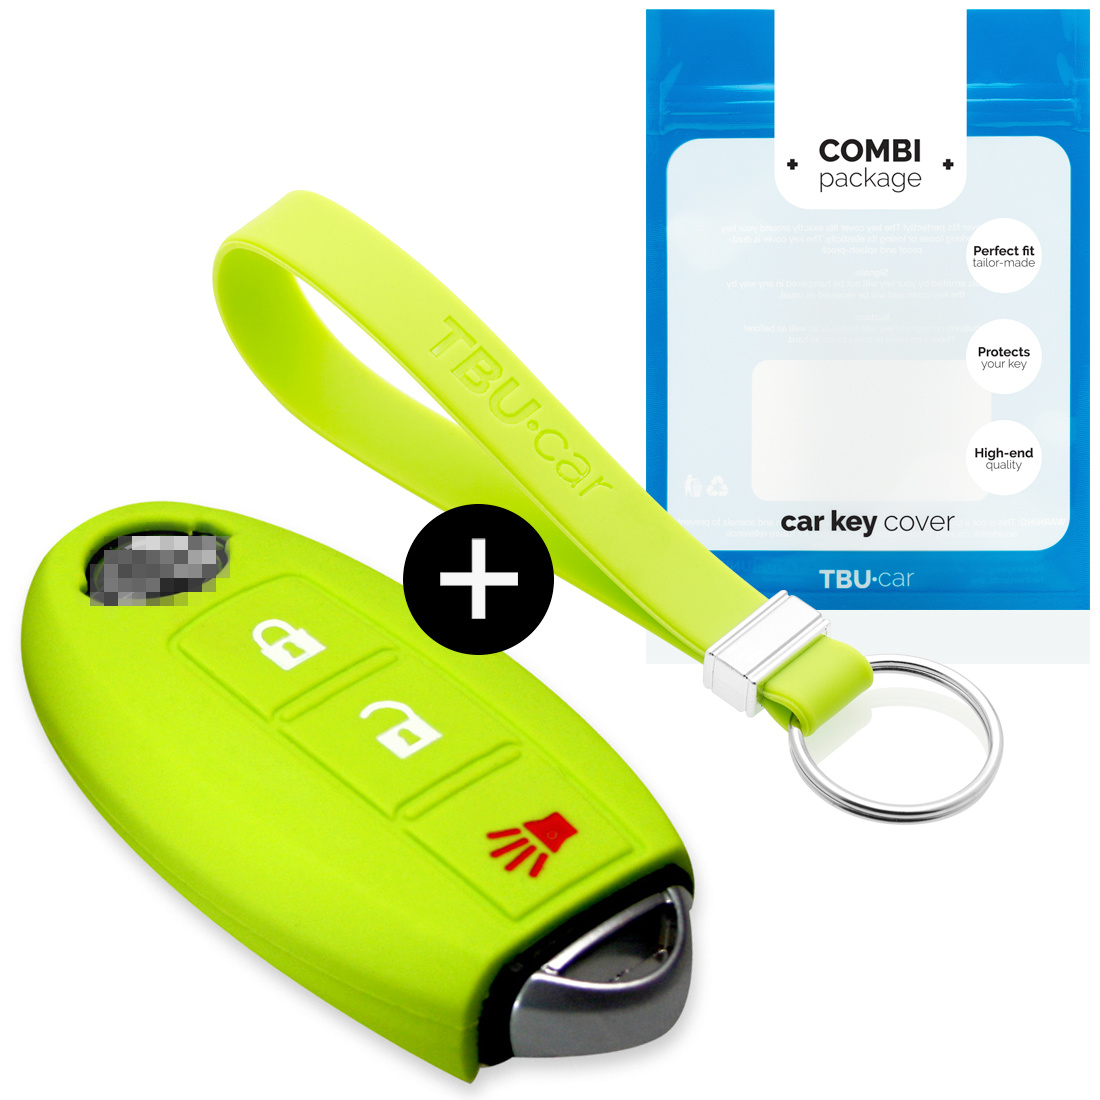 TBU car TBU car Sleutel cover compatibel met Nissan - Silicone sleutelhoesje - beschermhoesje autosleutel - Lime groen